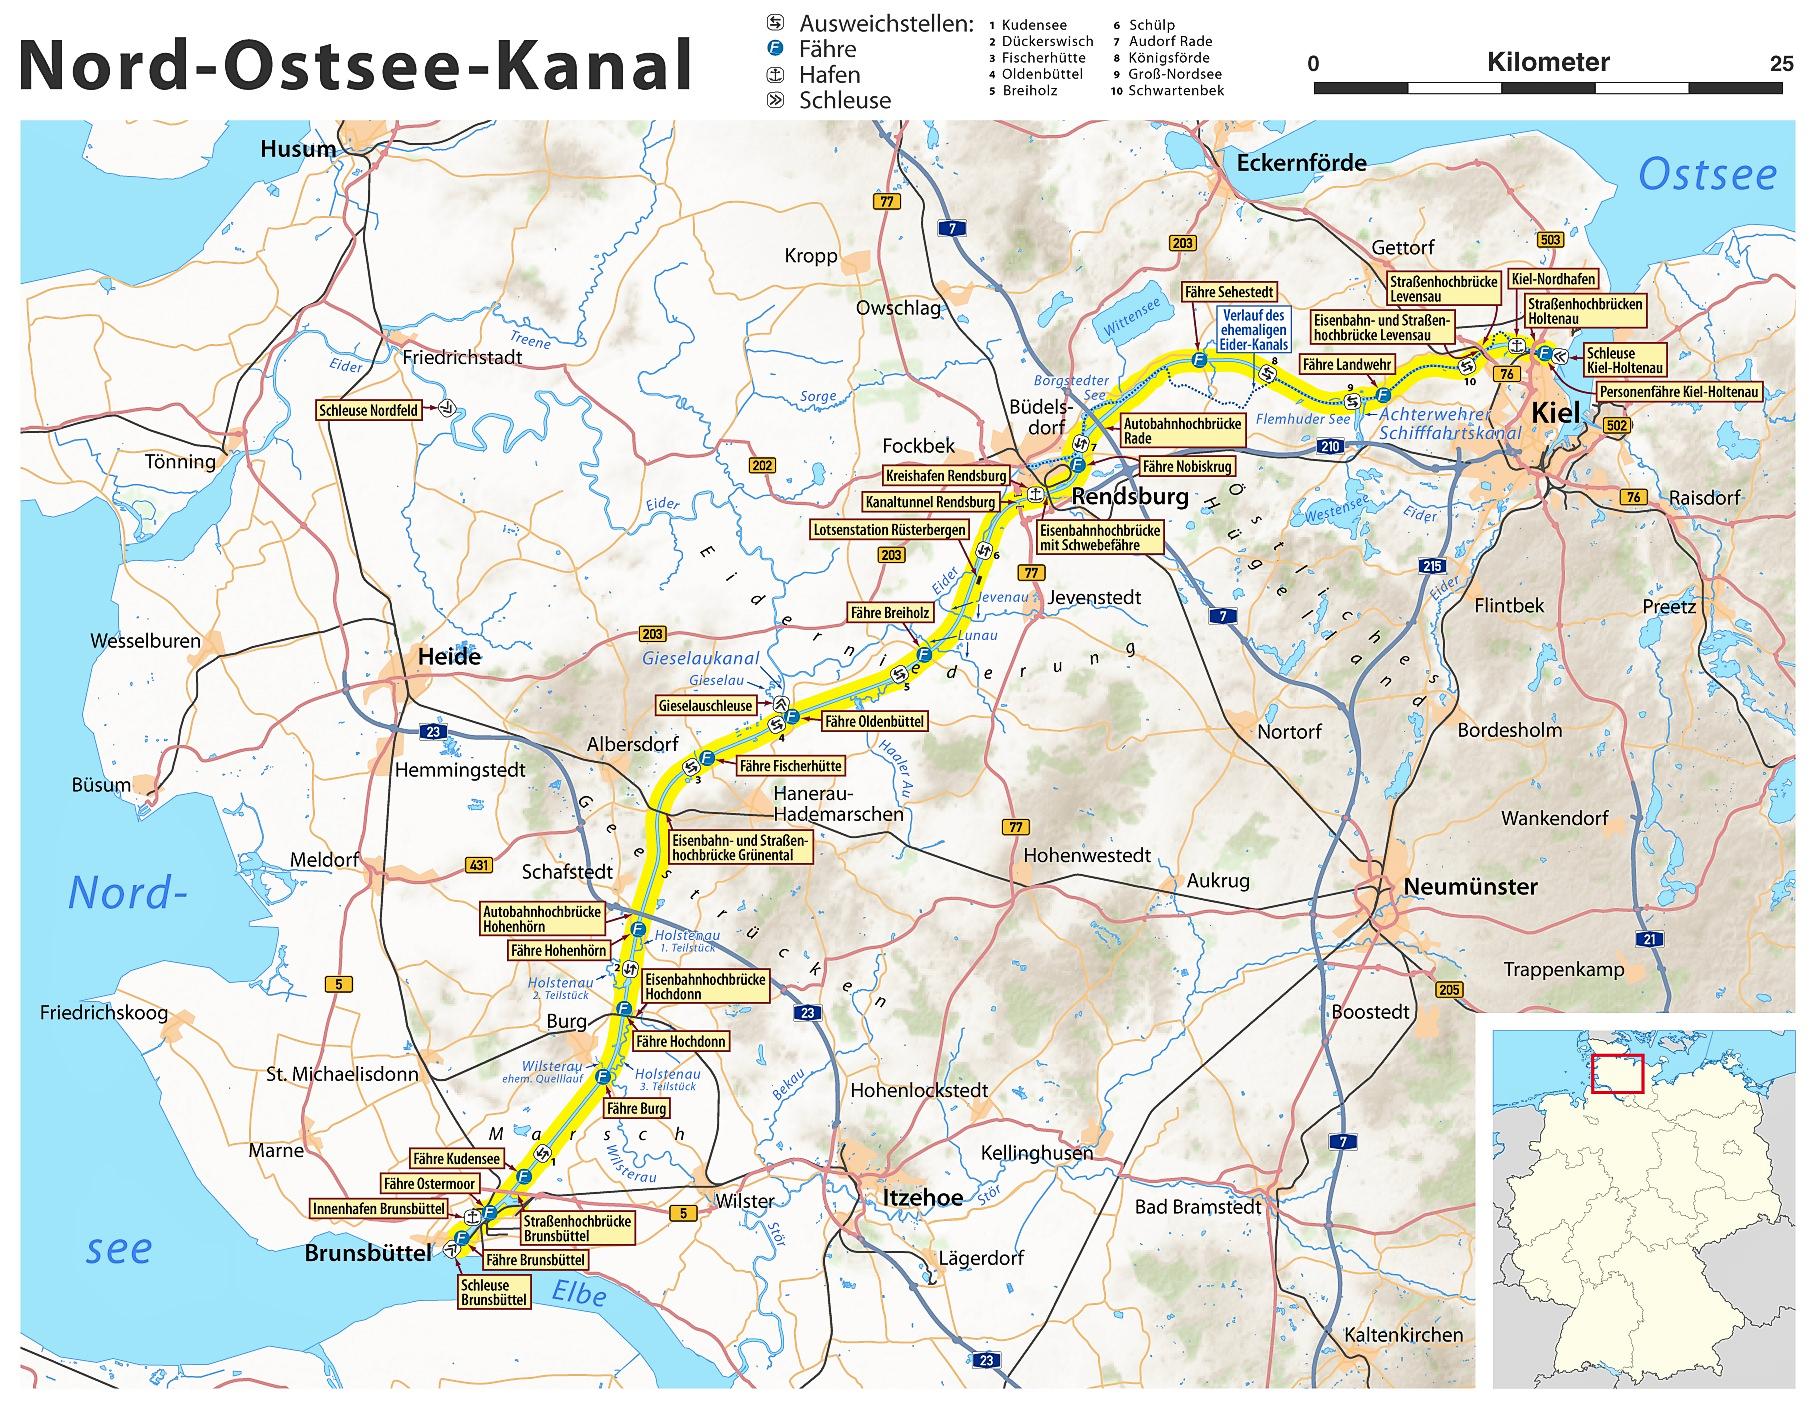 Carte Allemagne Kiel.Canal De Kiel Wikipedia